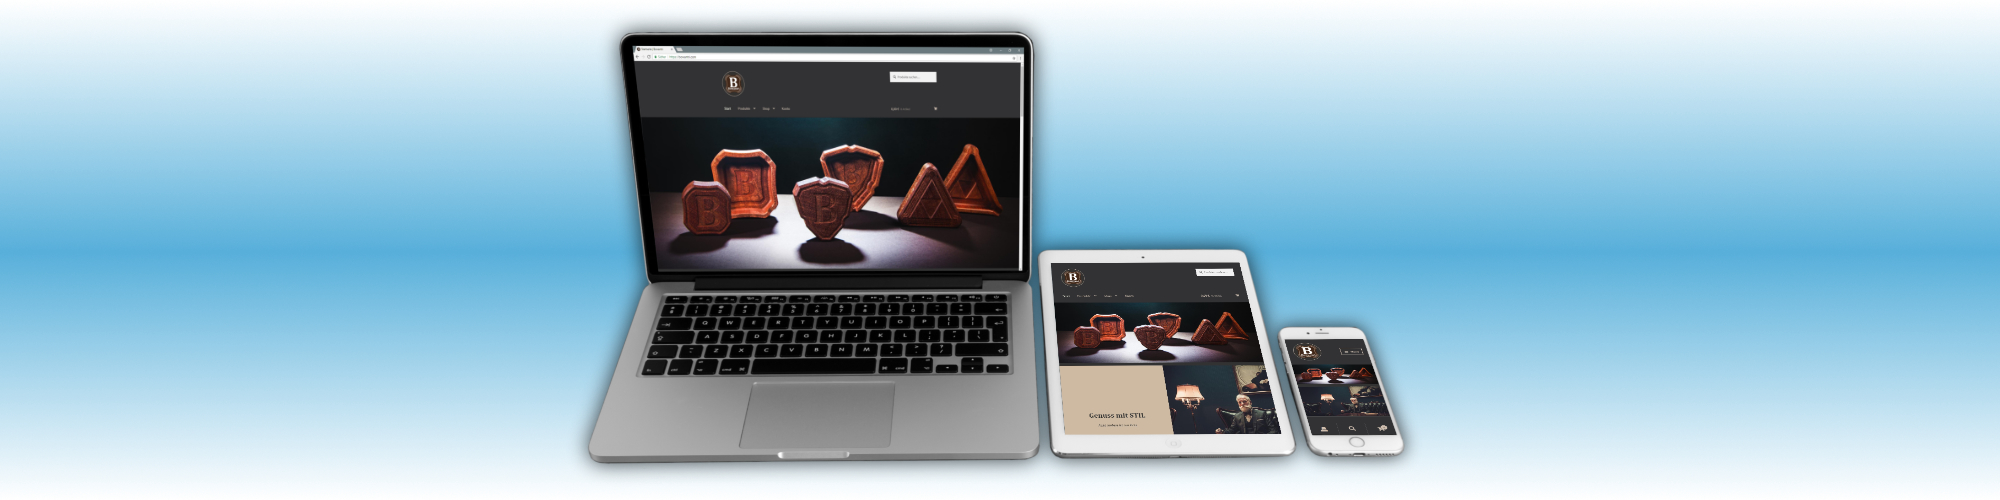 Webdesign für Bowantri, einem Anbieter für exquisites Raucherzubehör aus zertifiziertem Holz